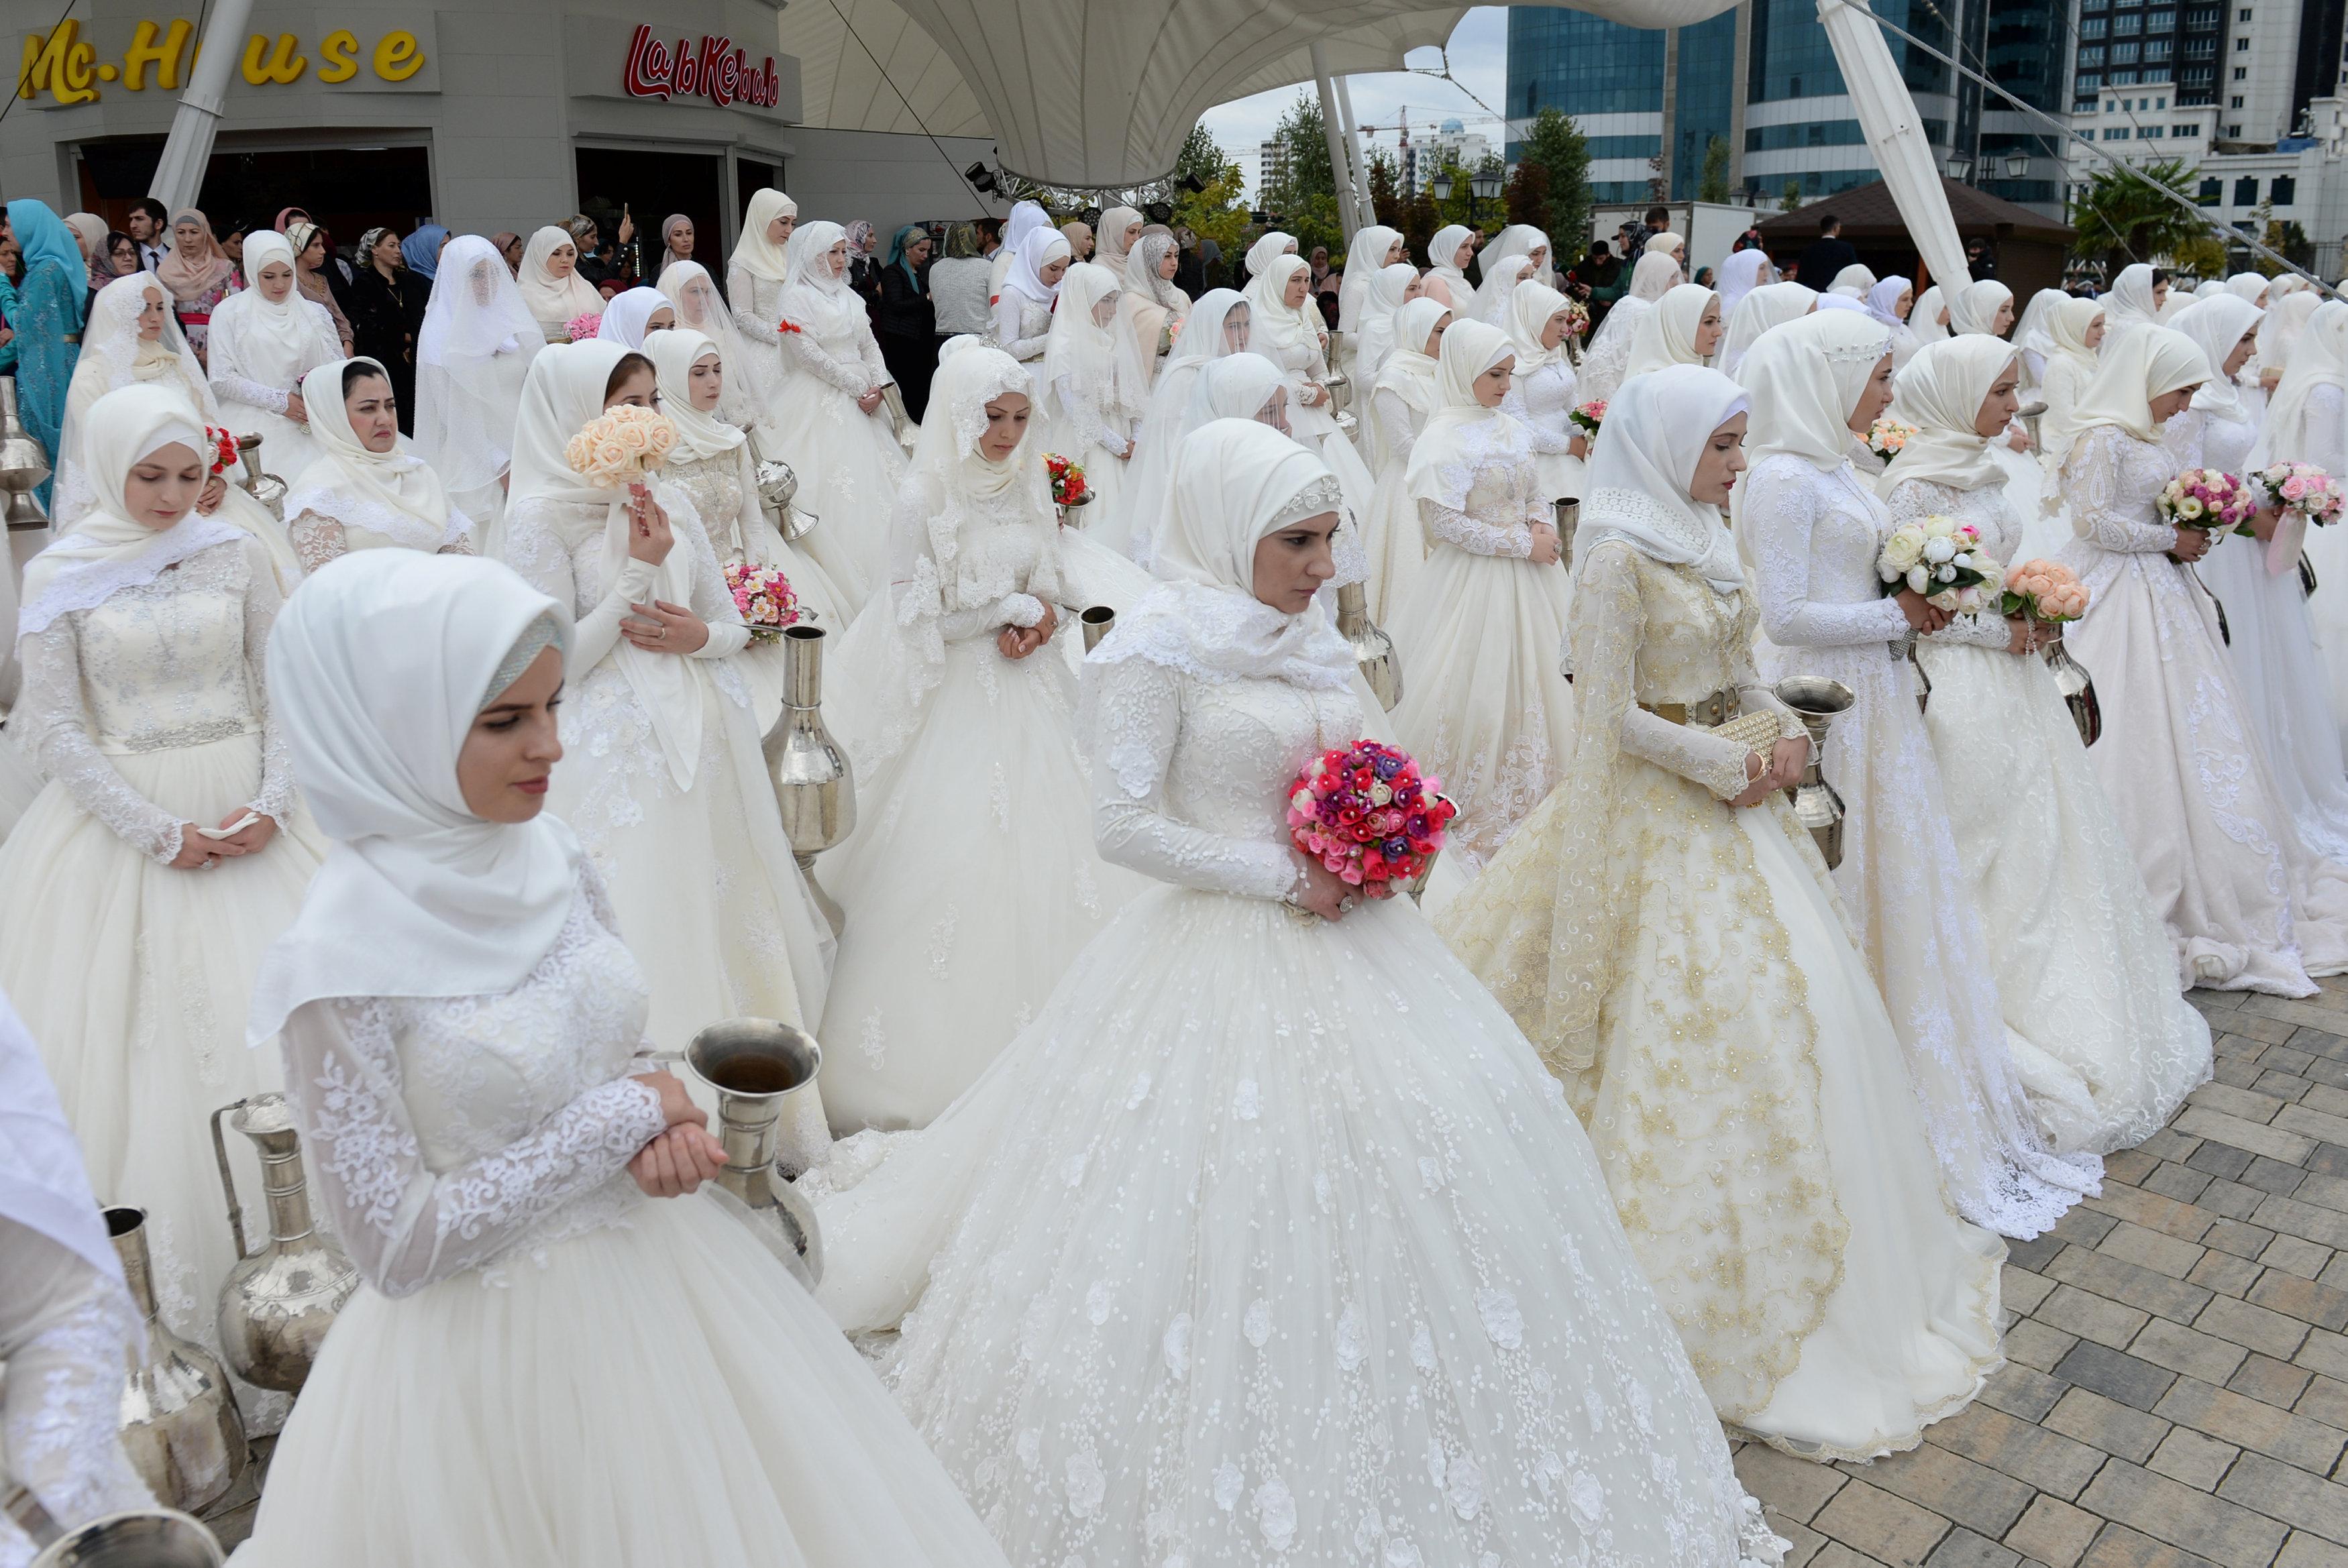 حفل زفاف جماعى فى الشيشان